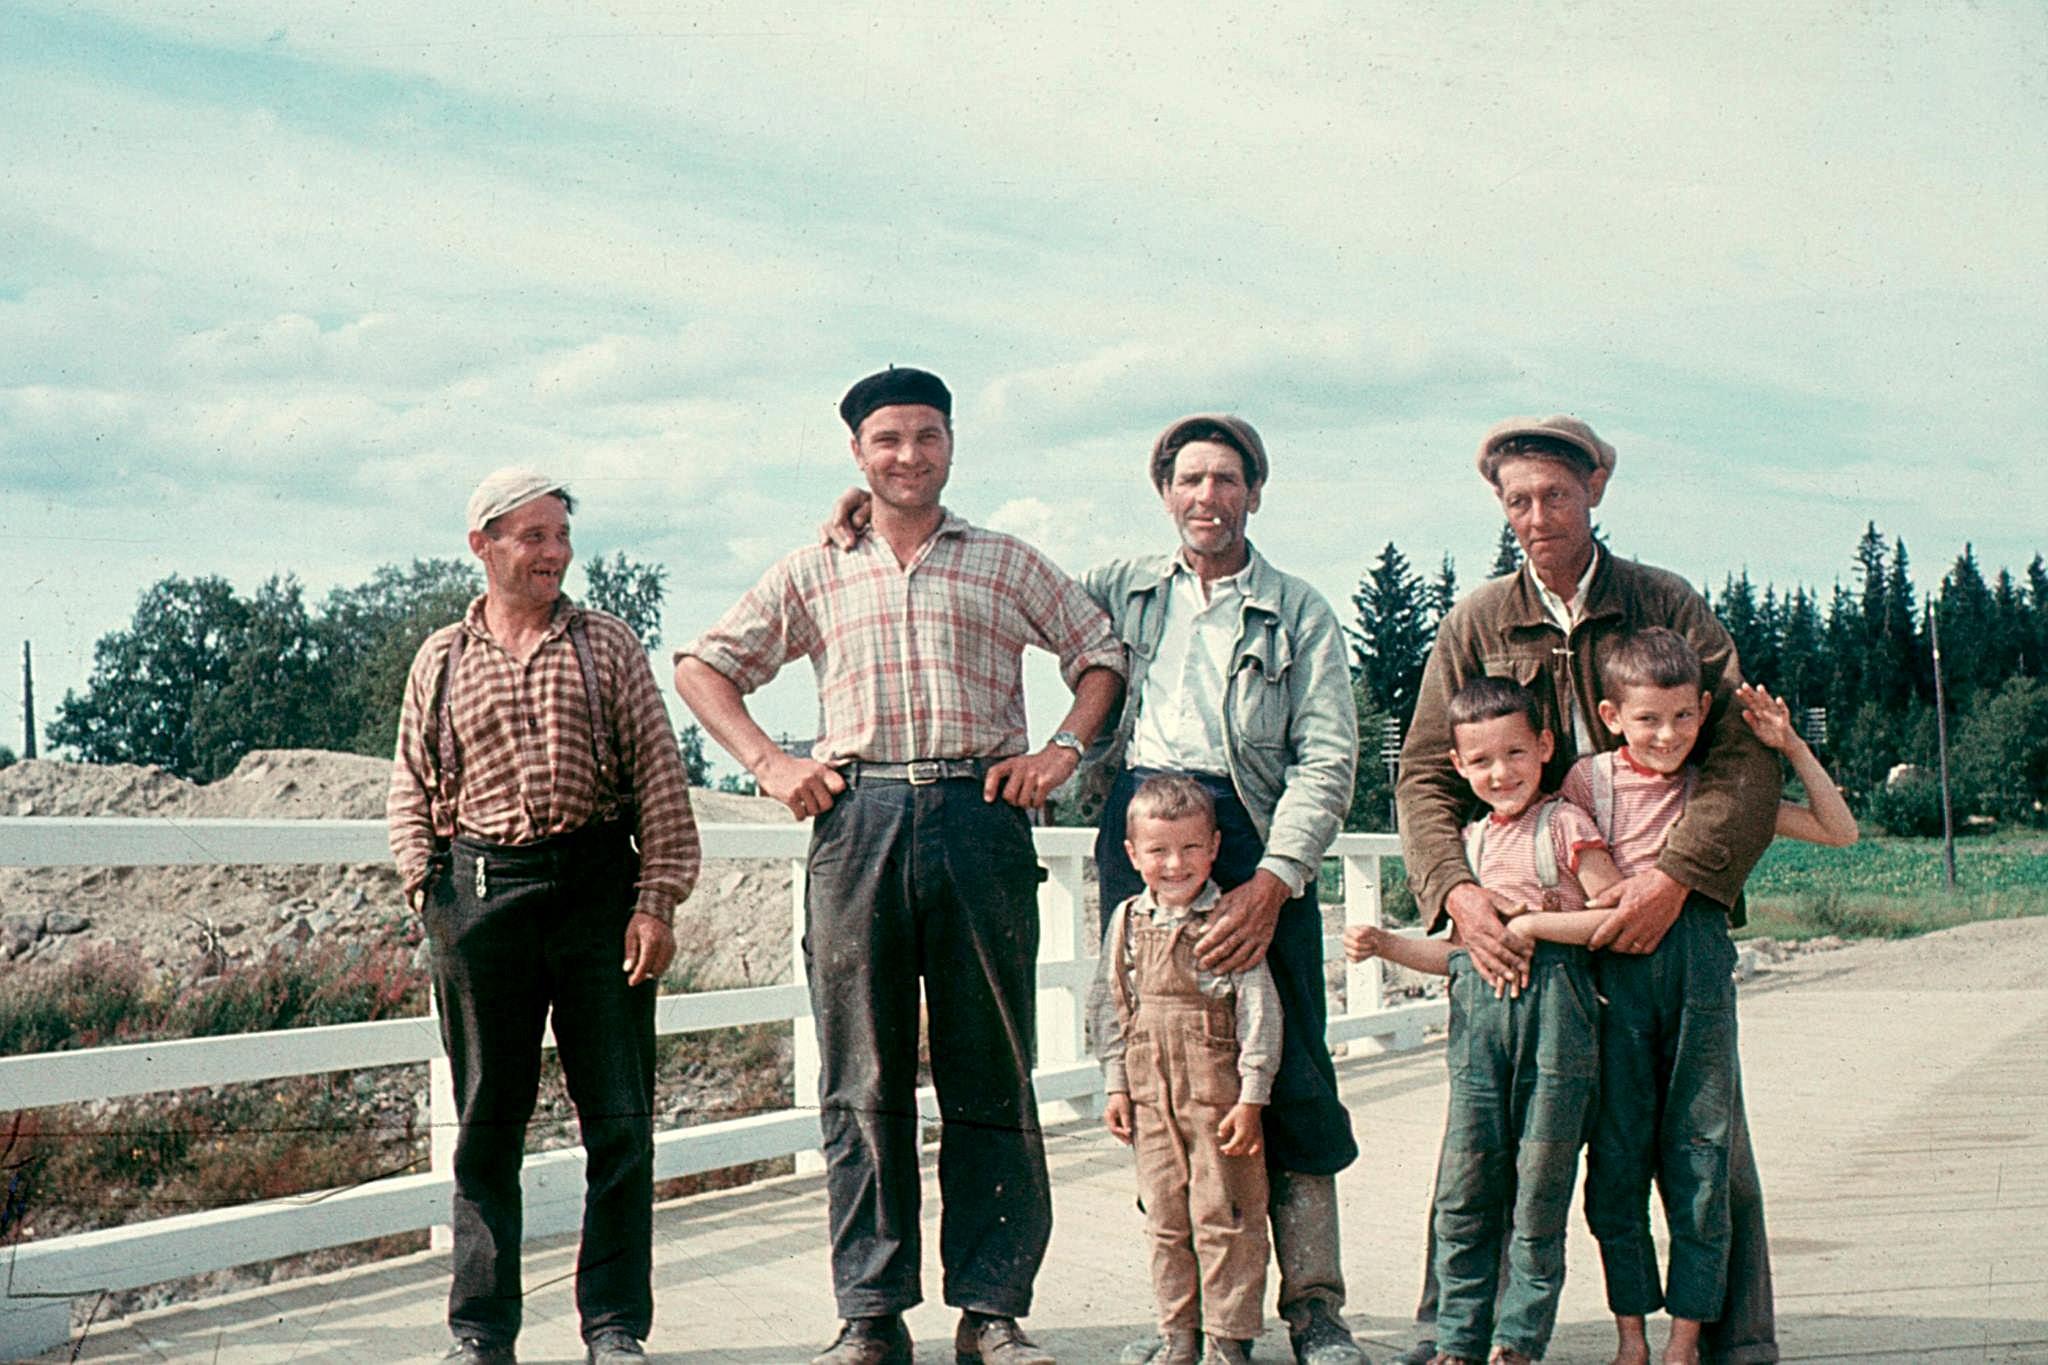 Det var både ortsbor och Storåbor som byggde den nya bron i Korsbäck runt 1957. Fotot är taget av läraren Nils Bergman och hans 3 pojkar är med på fotot.